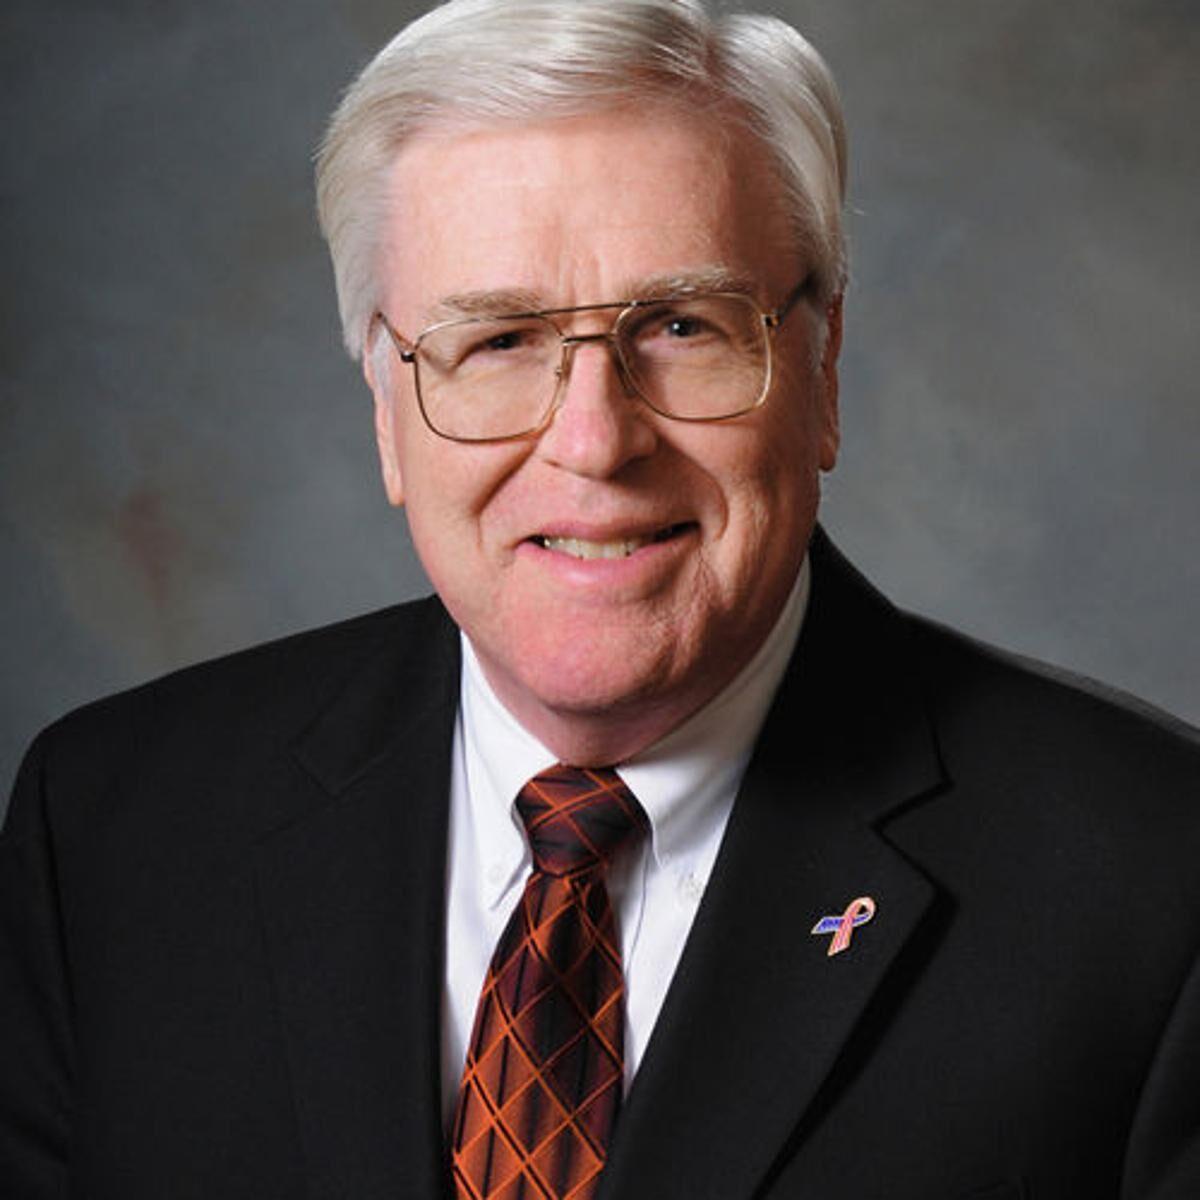 U. of Nebraska Regent Bob Phares will not seek 4th term